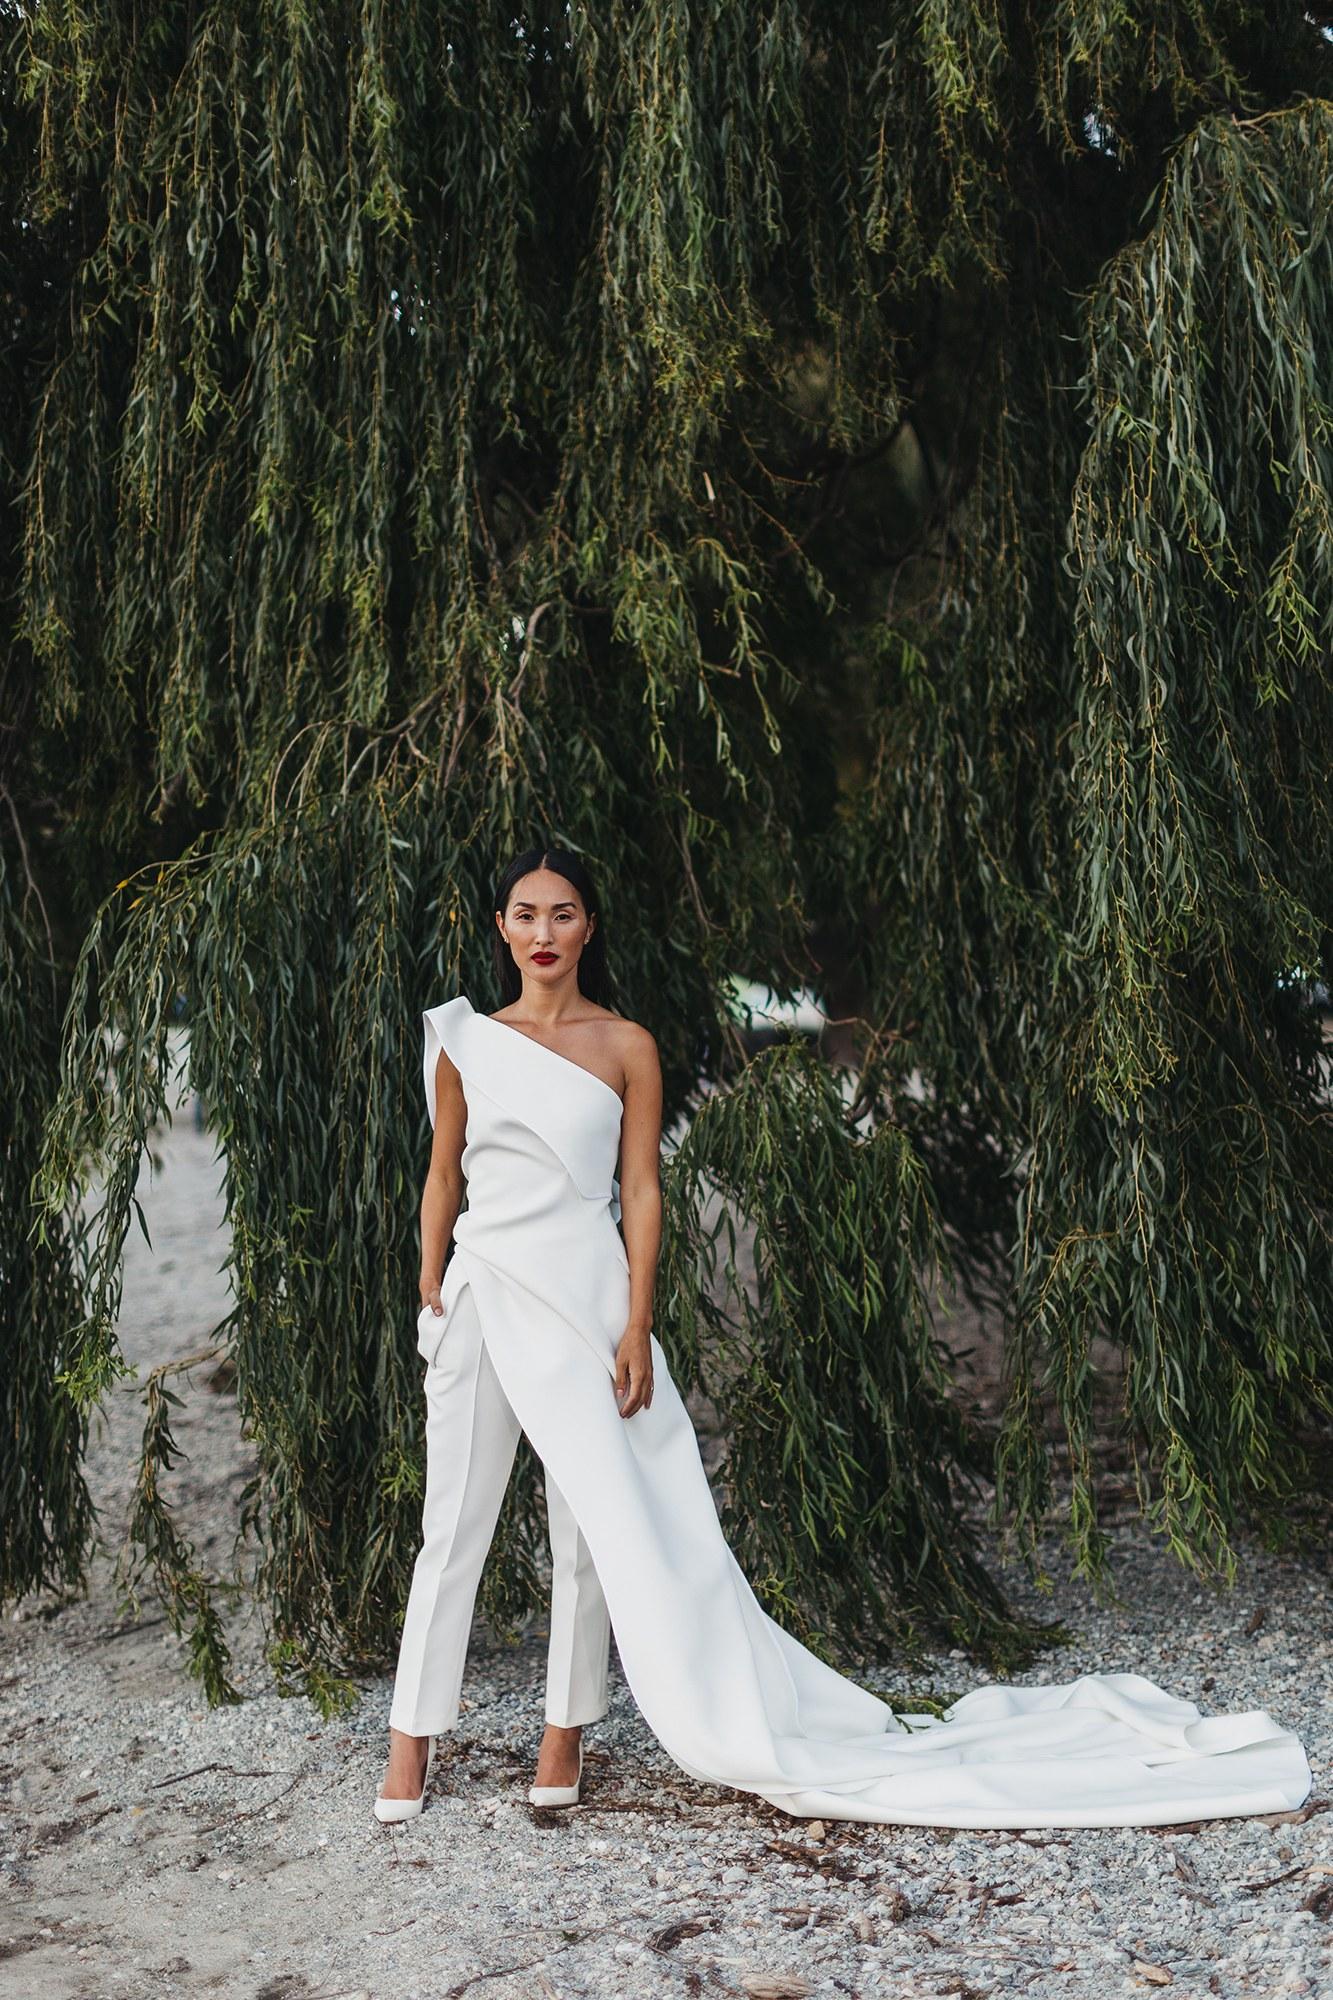 לקראת היום הגדול של קיארה פראני: השראה מחתונות הורסות של 5 בלוגריות אופנה